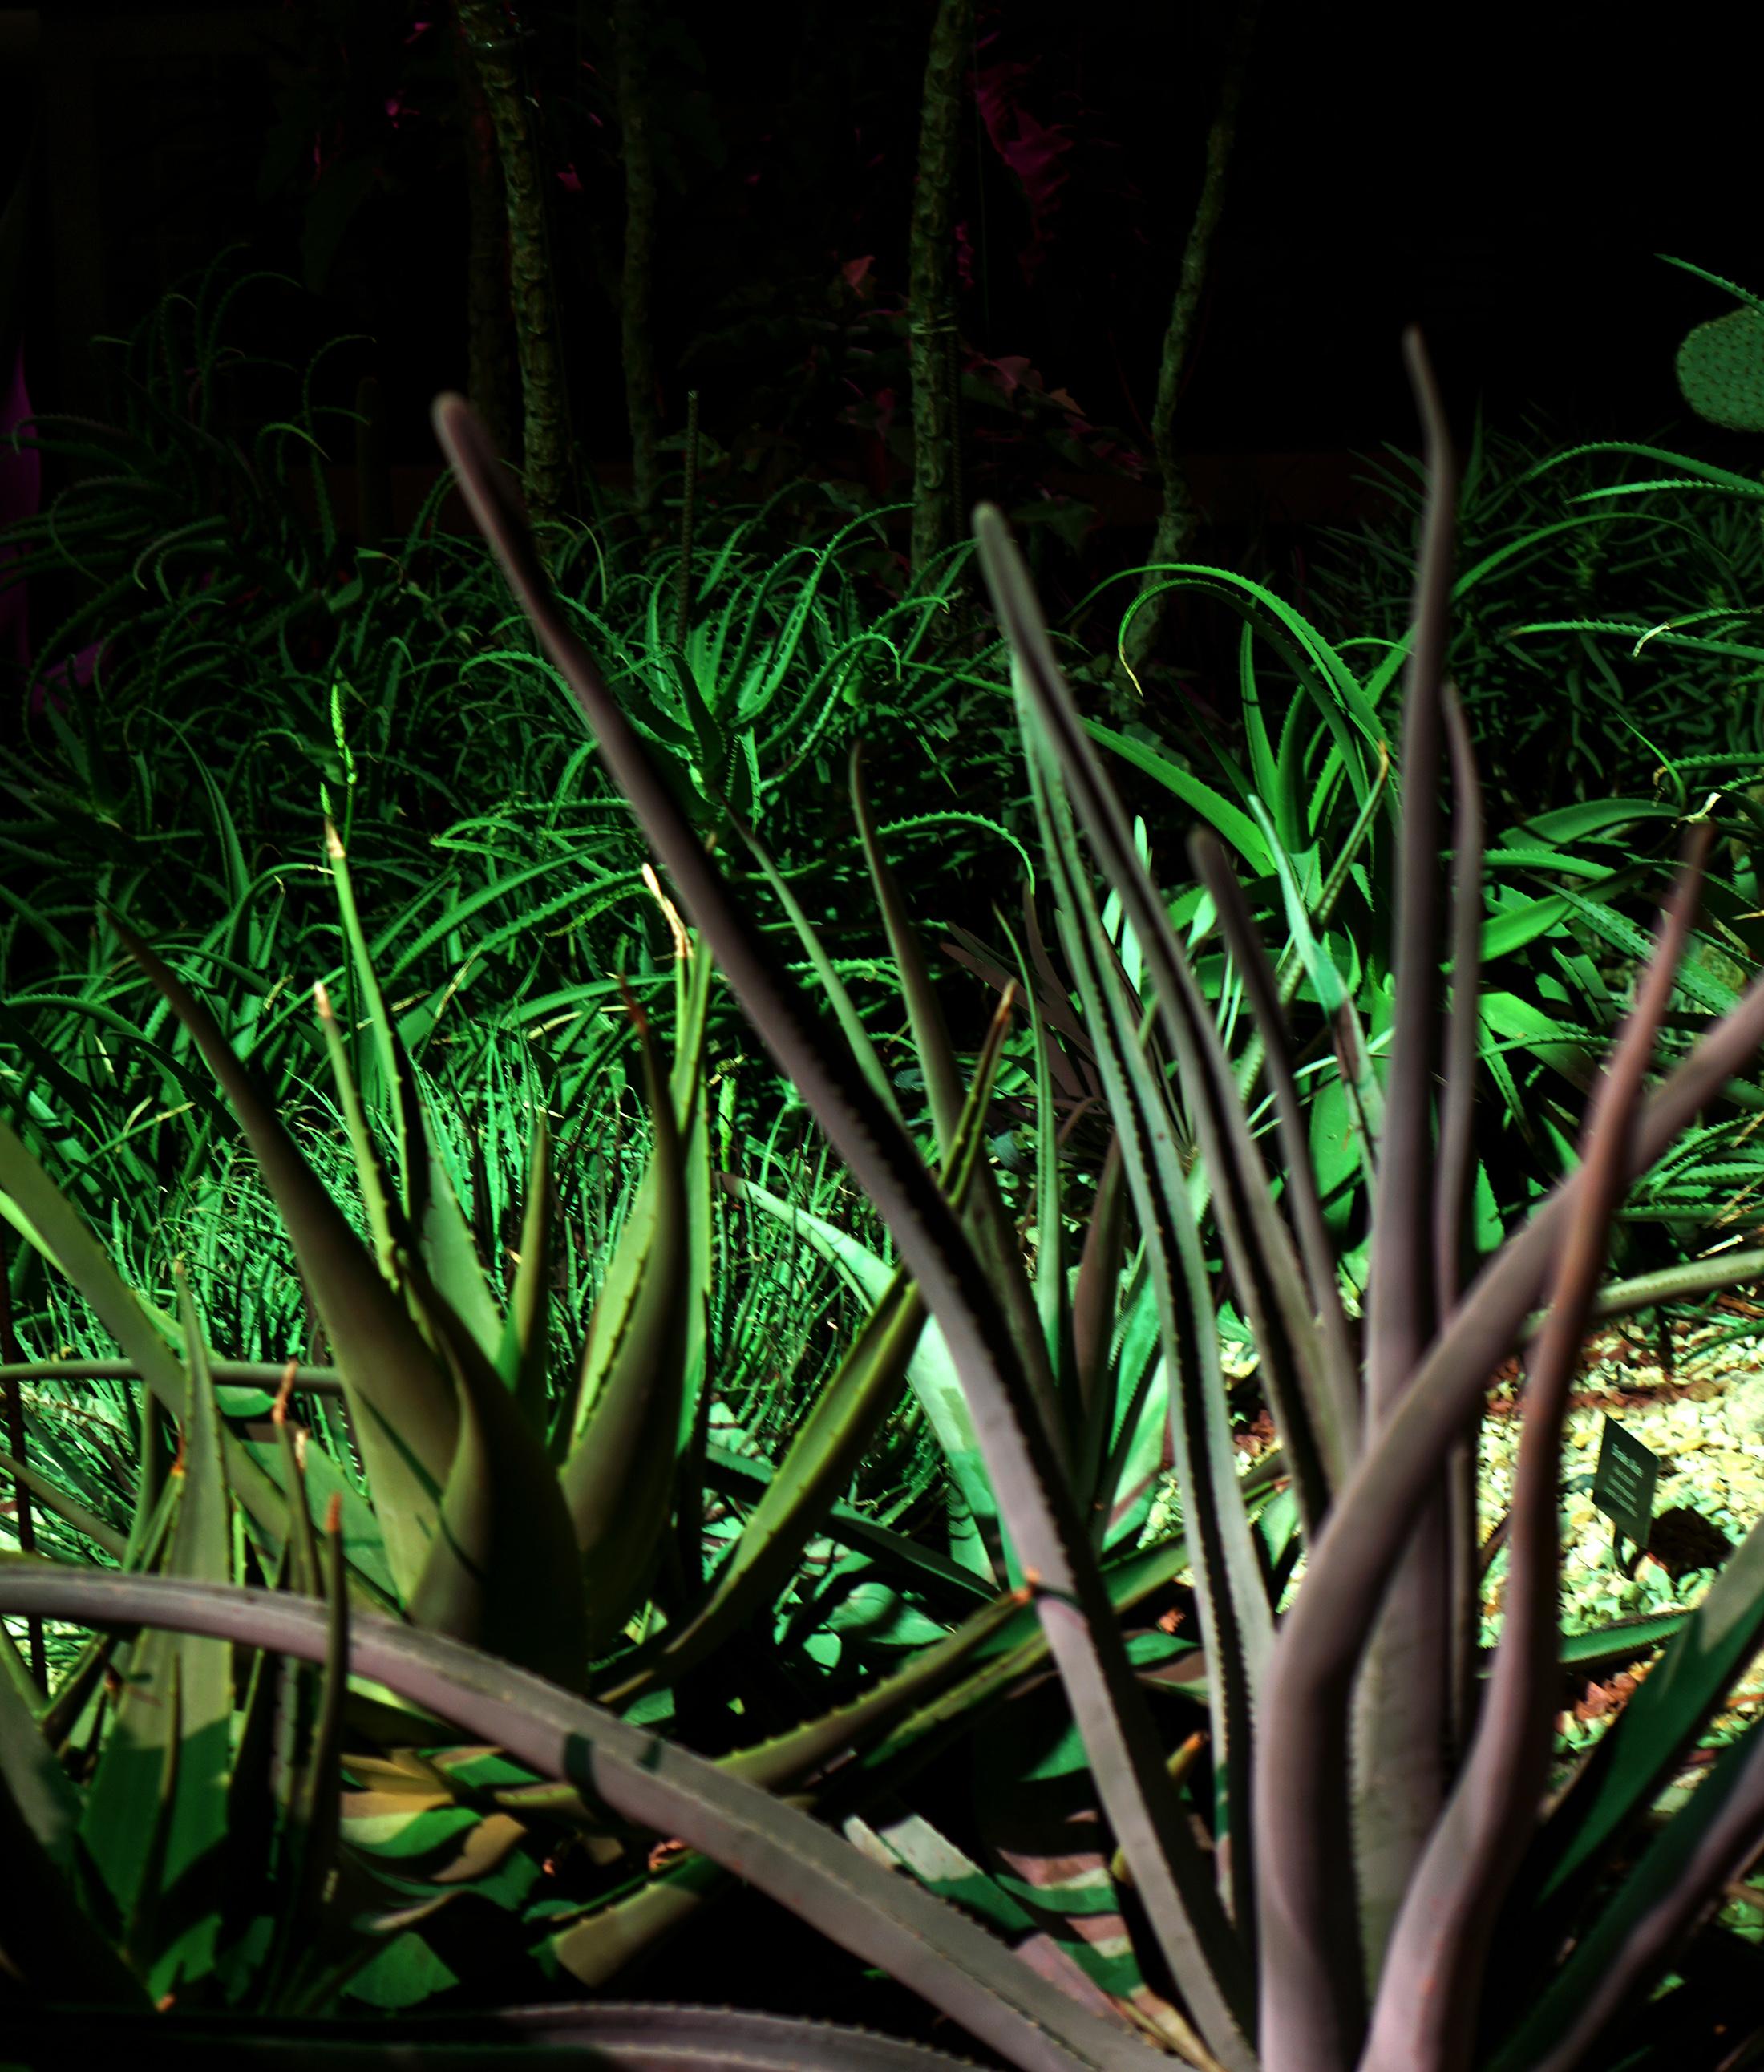 Wild desert plants in the Garfield Park Conservatory at night, Chicago / Darker than Green